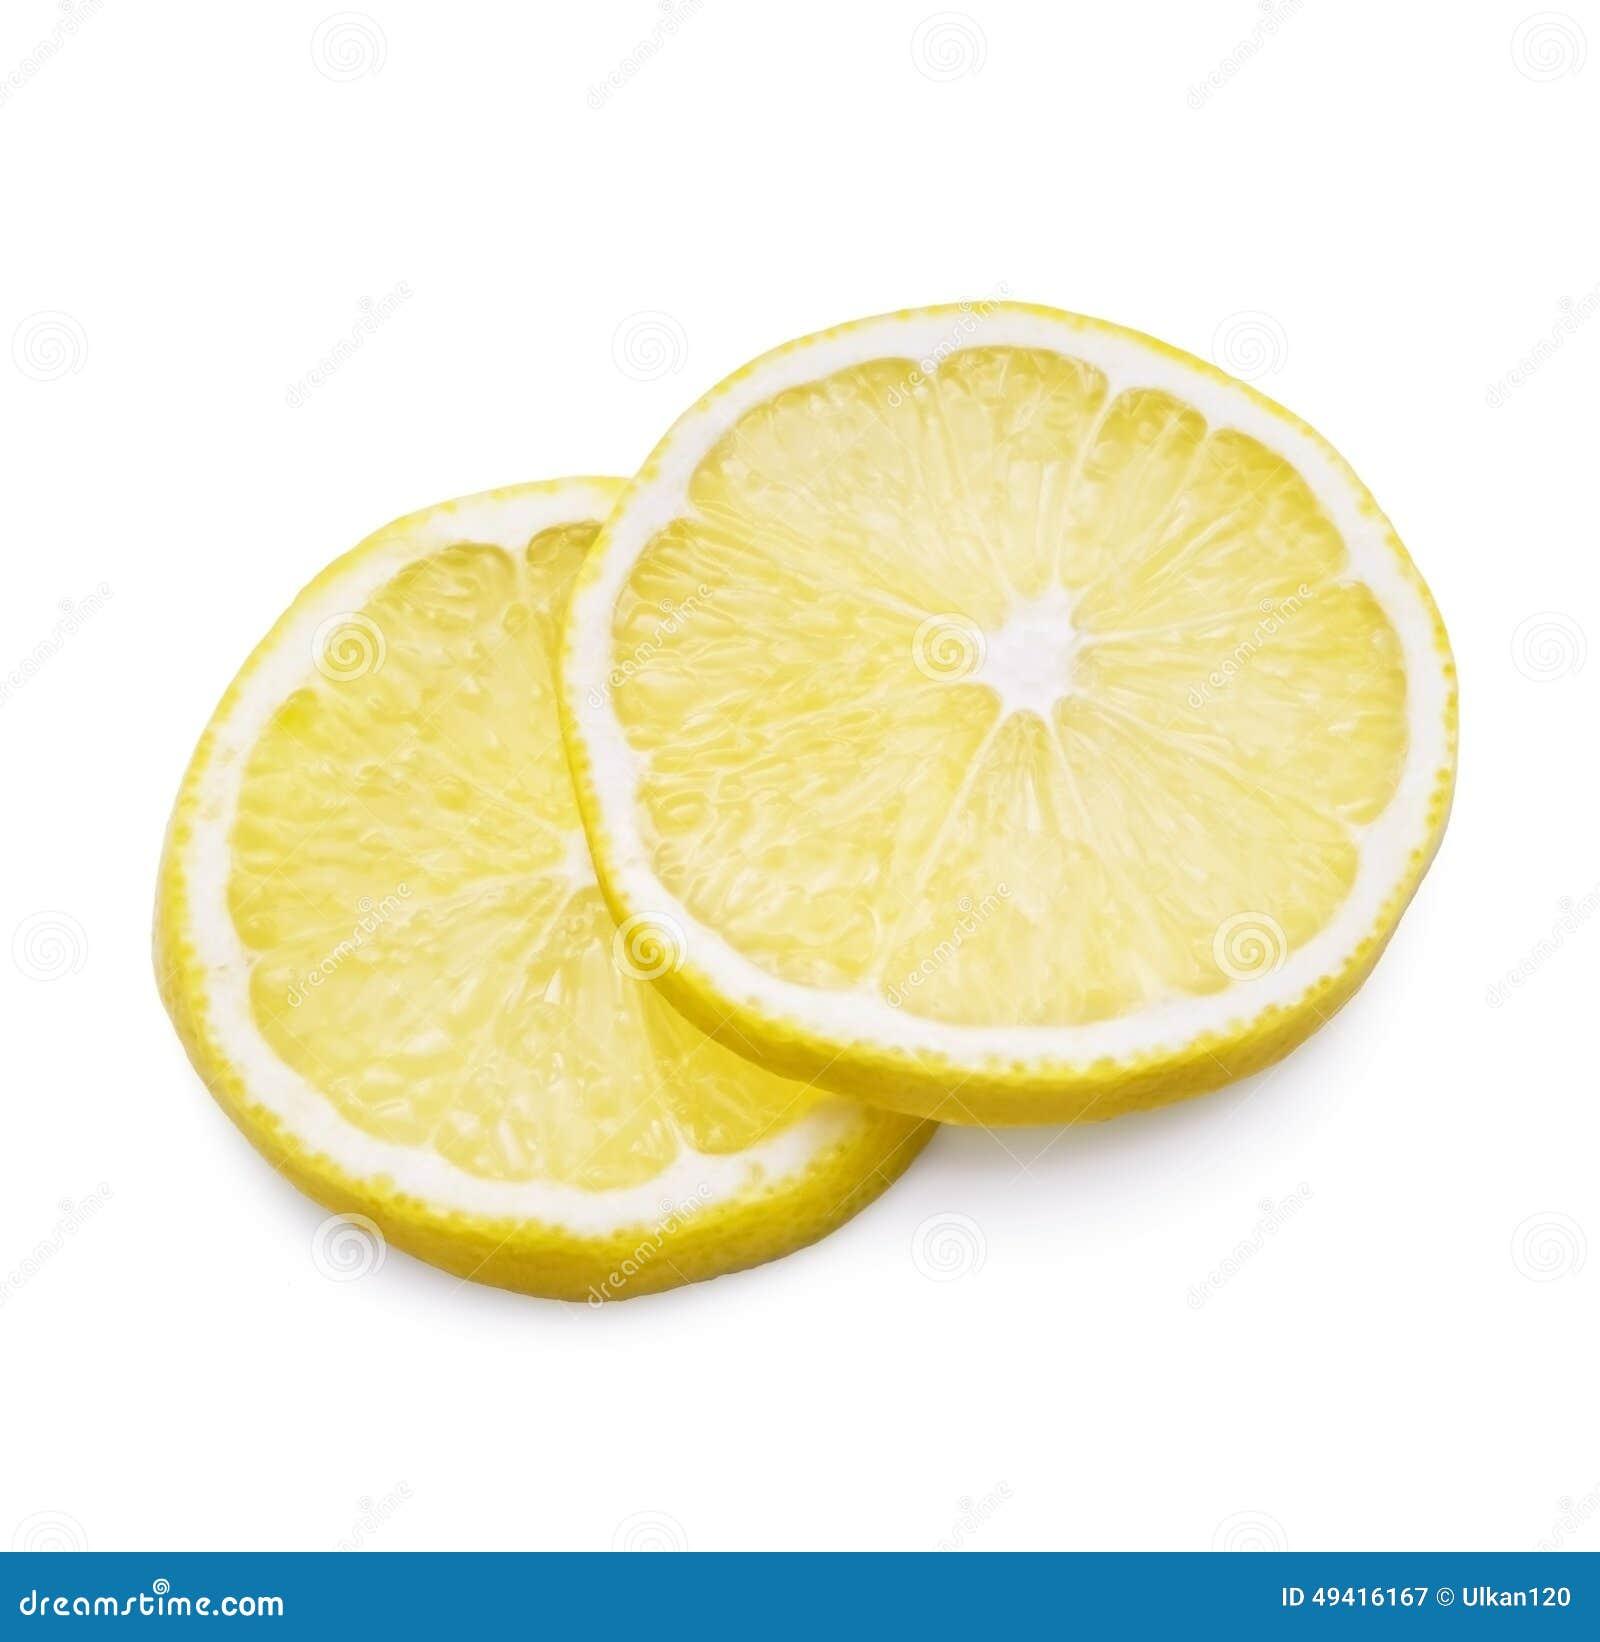 Download Zitrone auf Weiß stockbild. Bild von erfrischung, gesund - 49416167